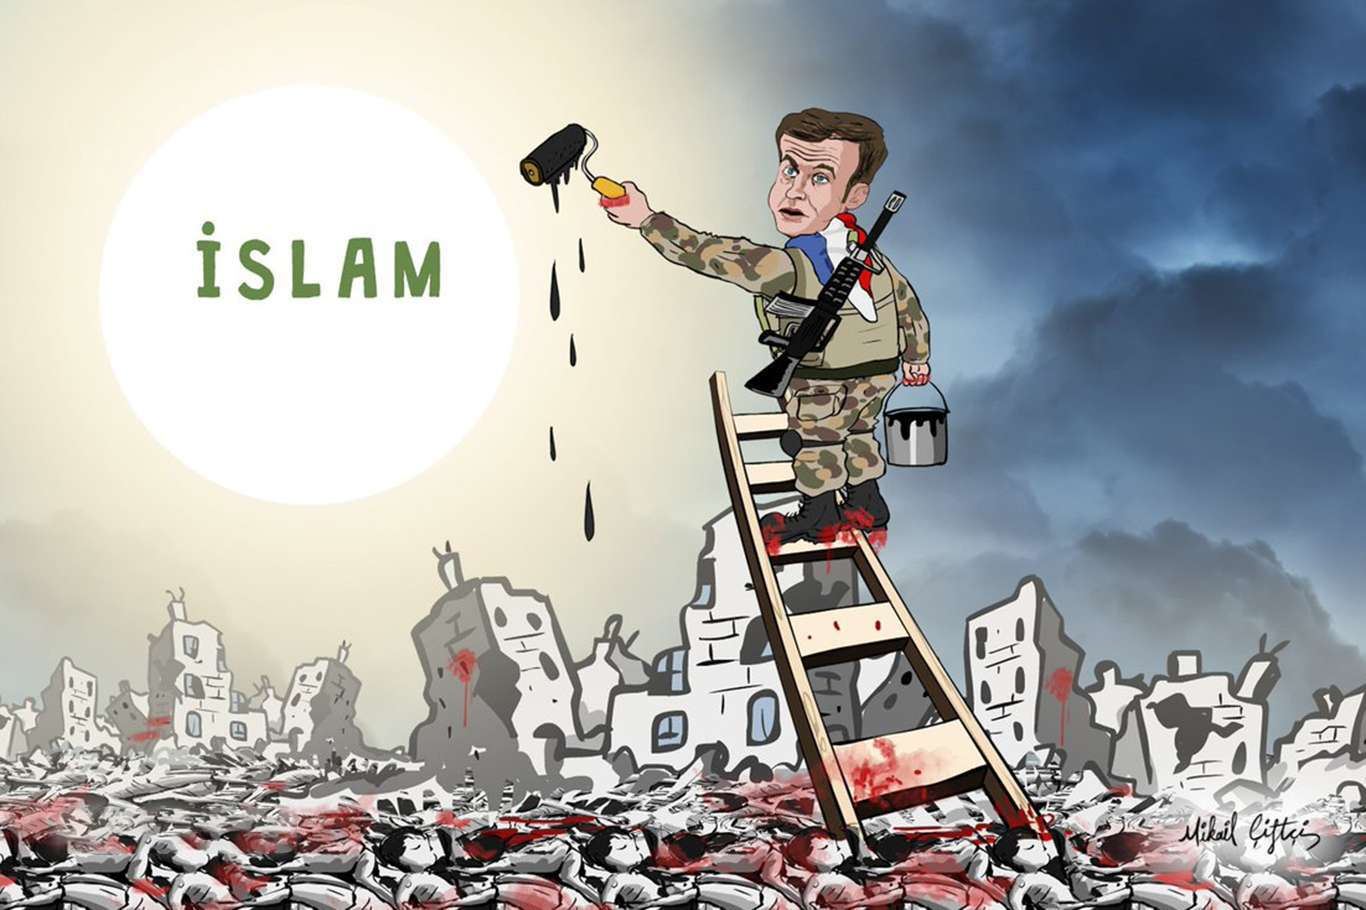 İslam Düşmanı Macron'a Tepkiler Dinmiyor